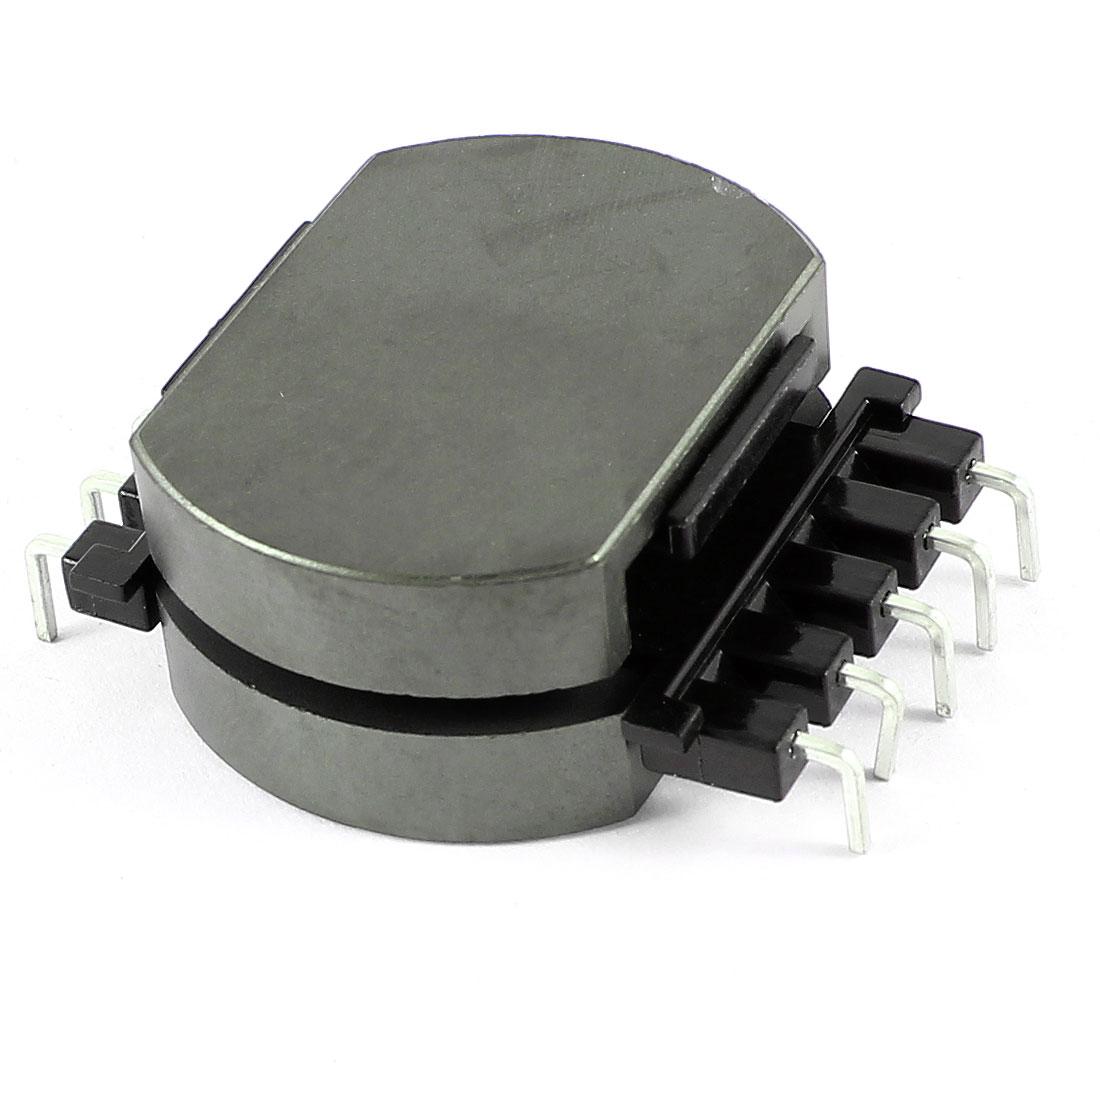 Plastic Iron Inductor 10 Pin Transformers Coil Former Robbin POT3312 Ferrite Core Bobbin